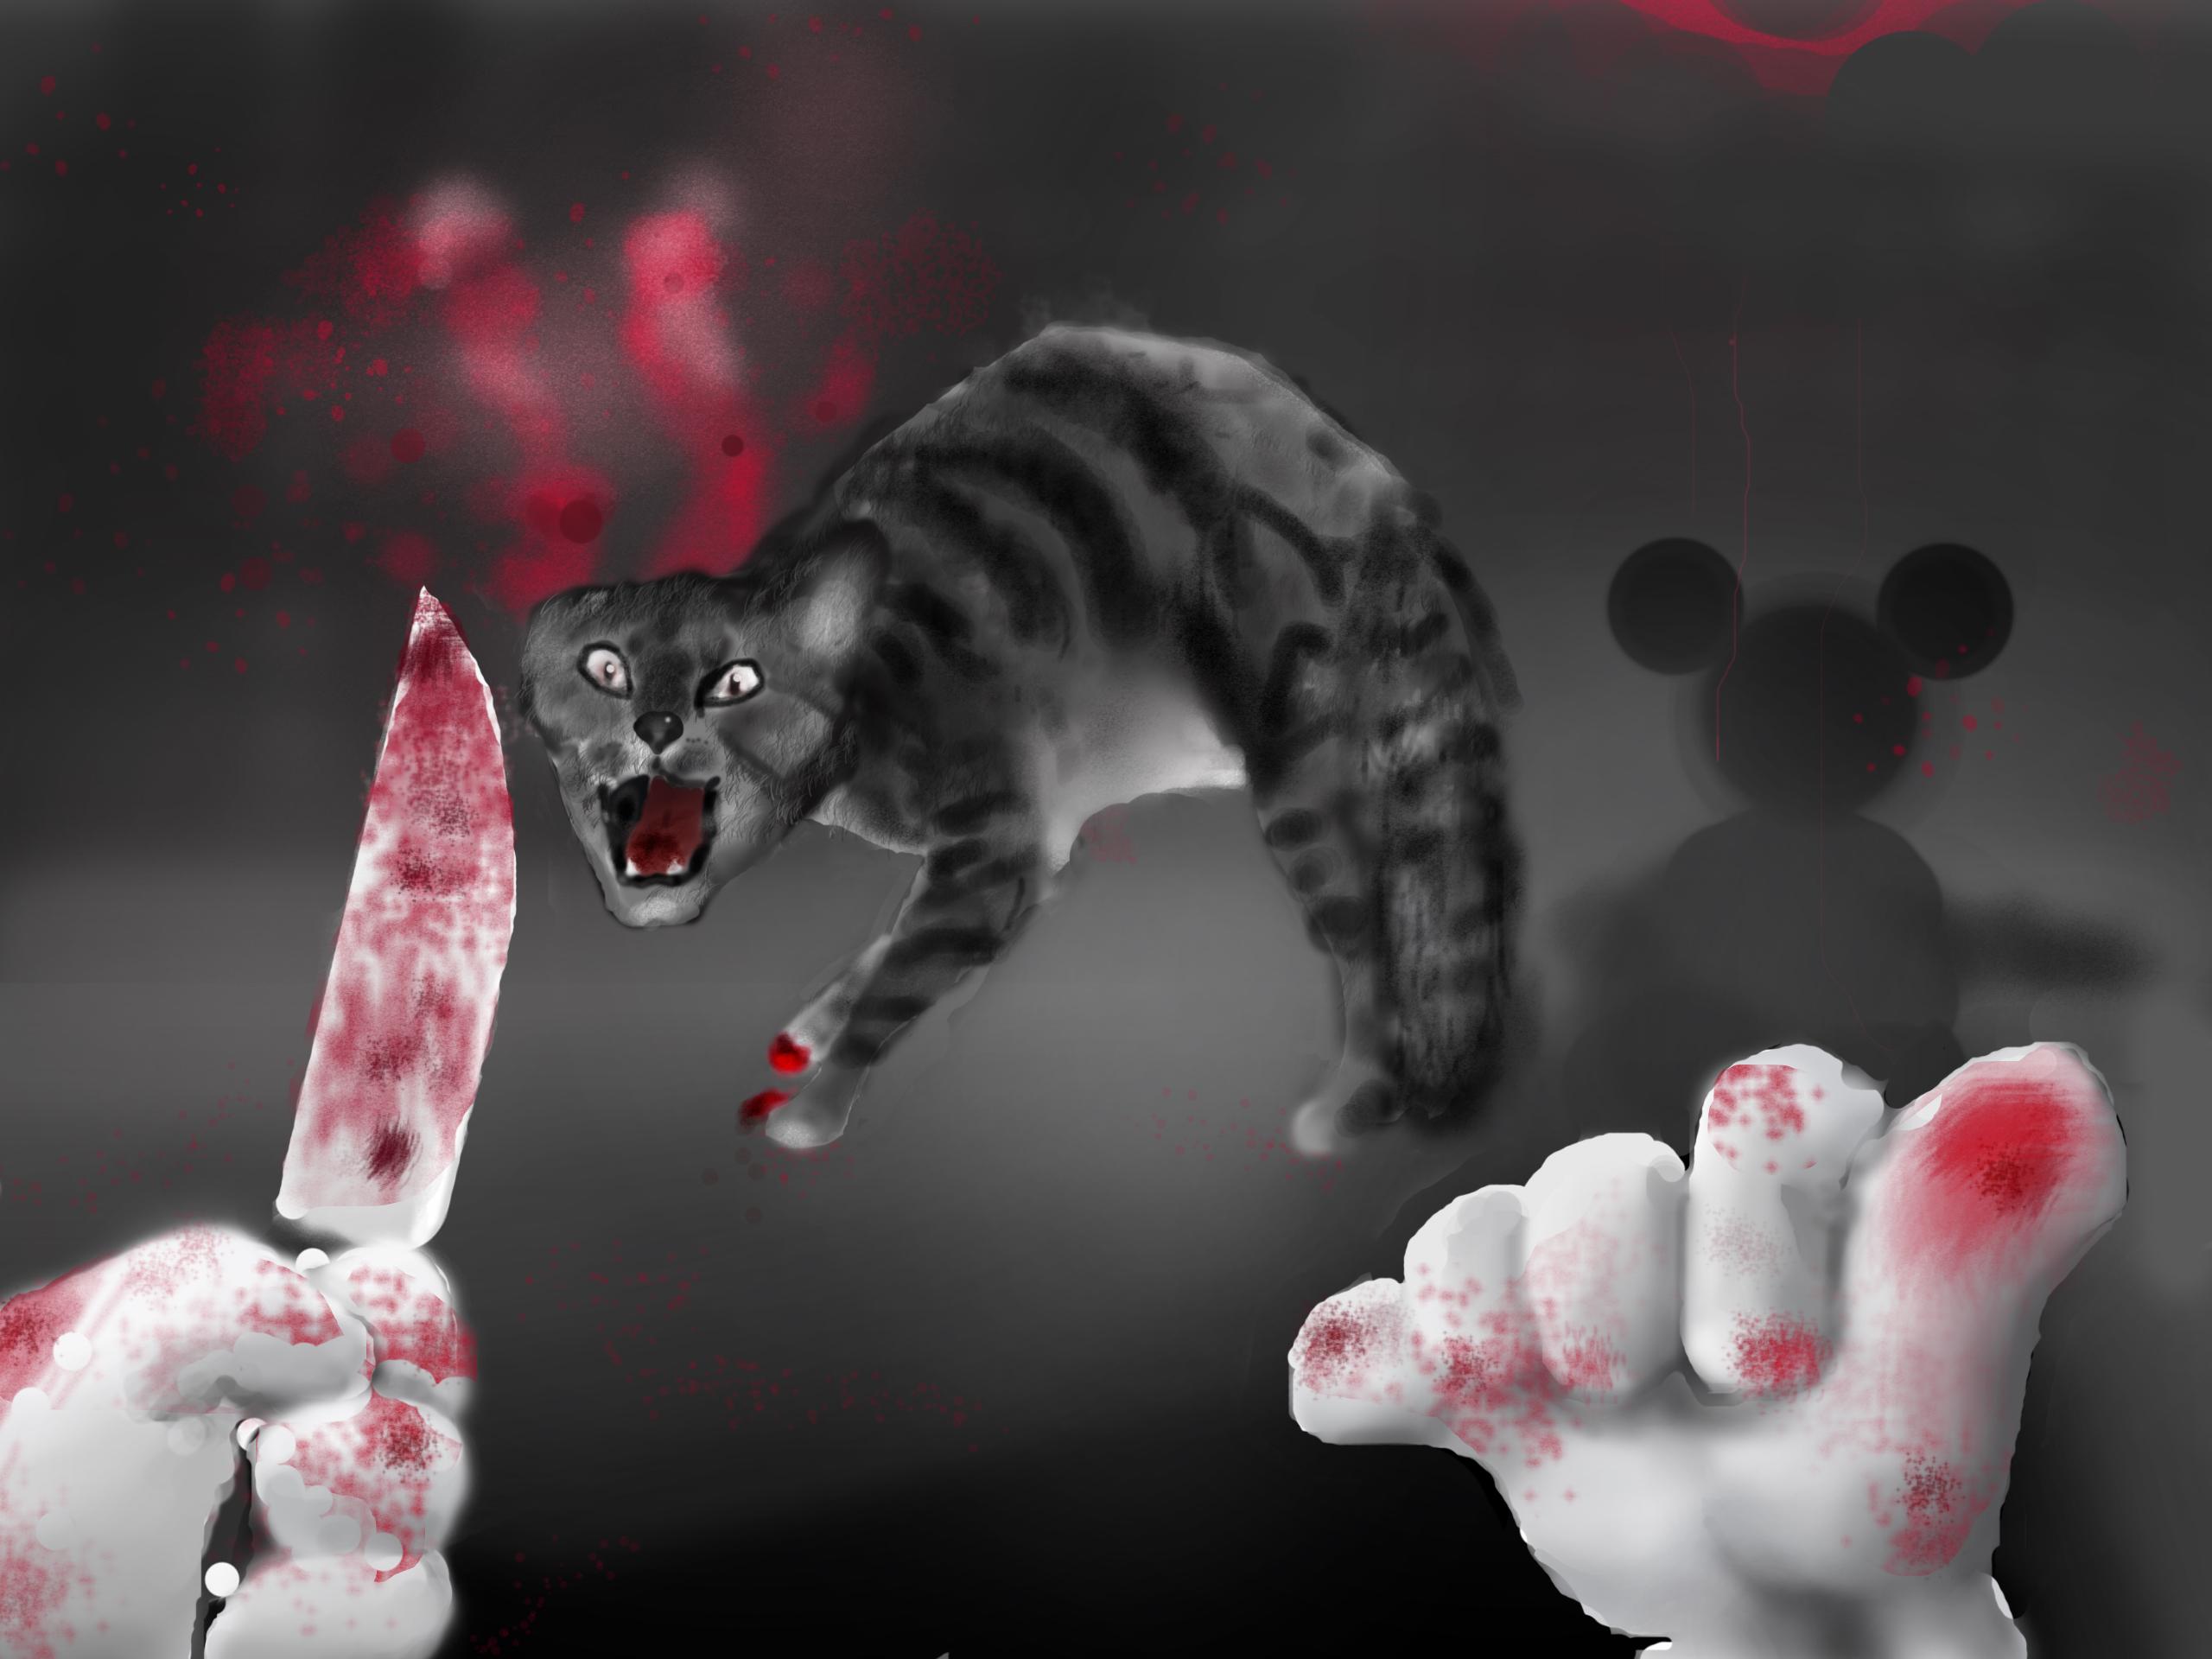 CATS WORST NIGHTMARE